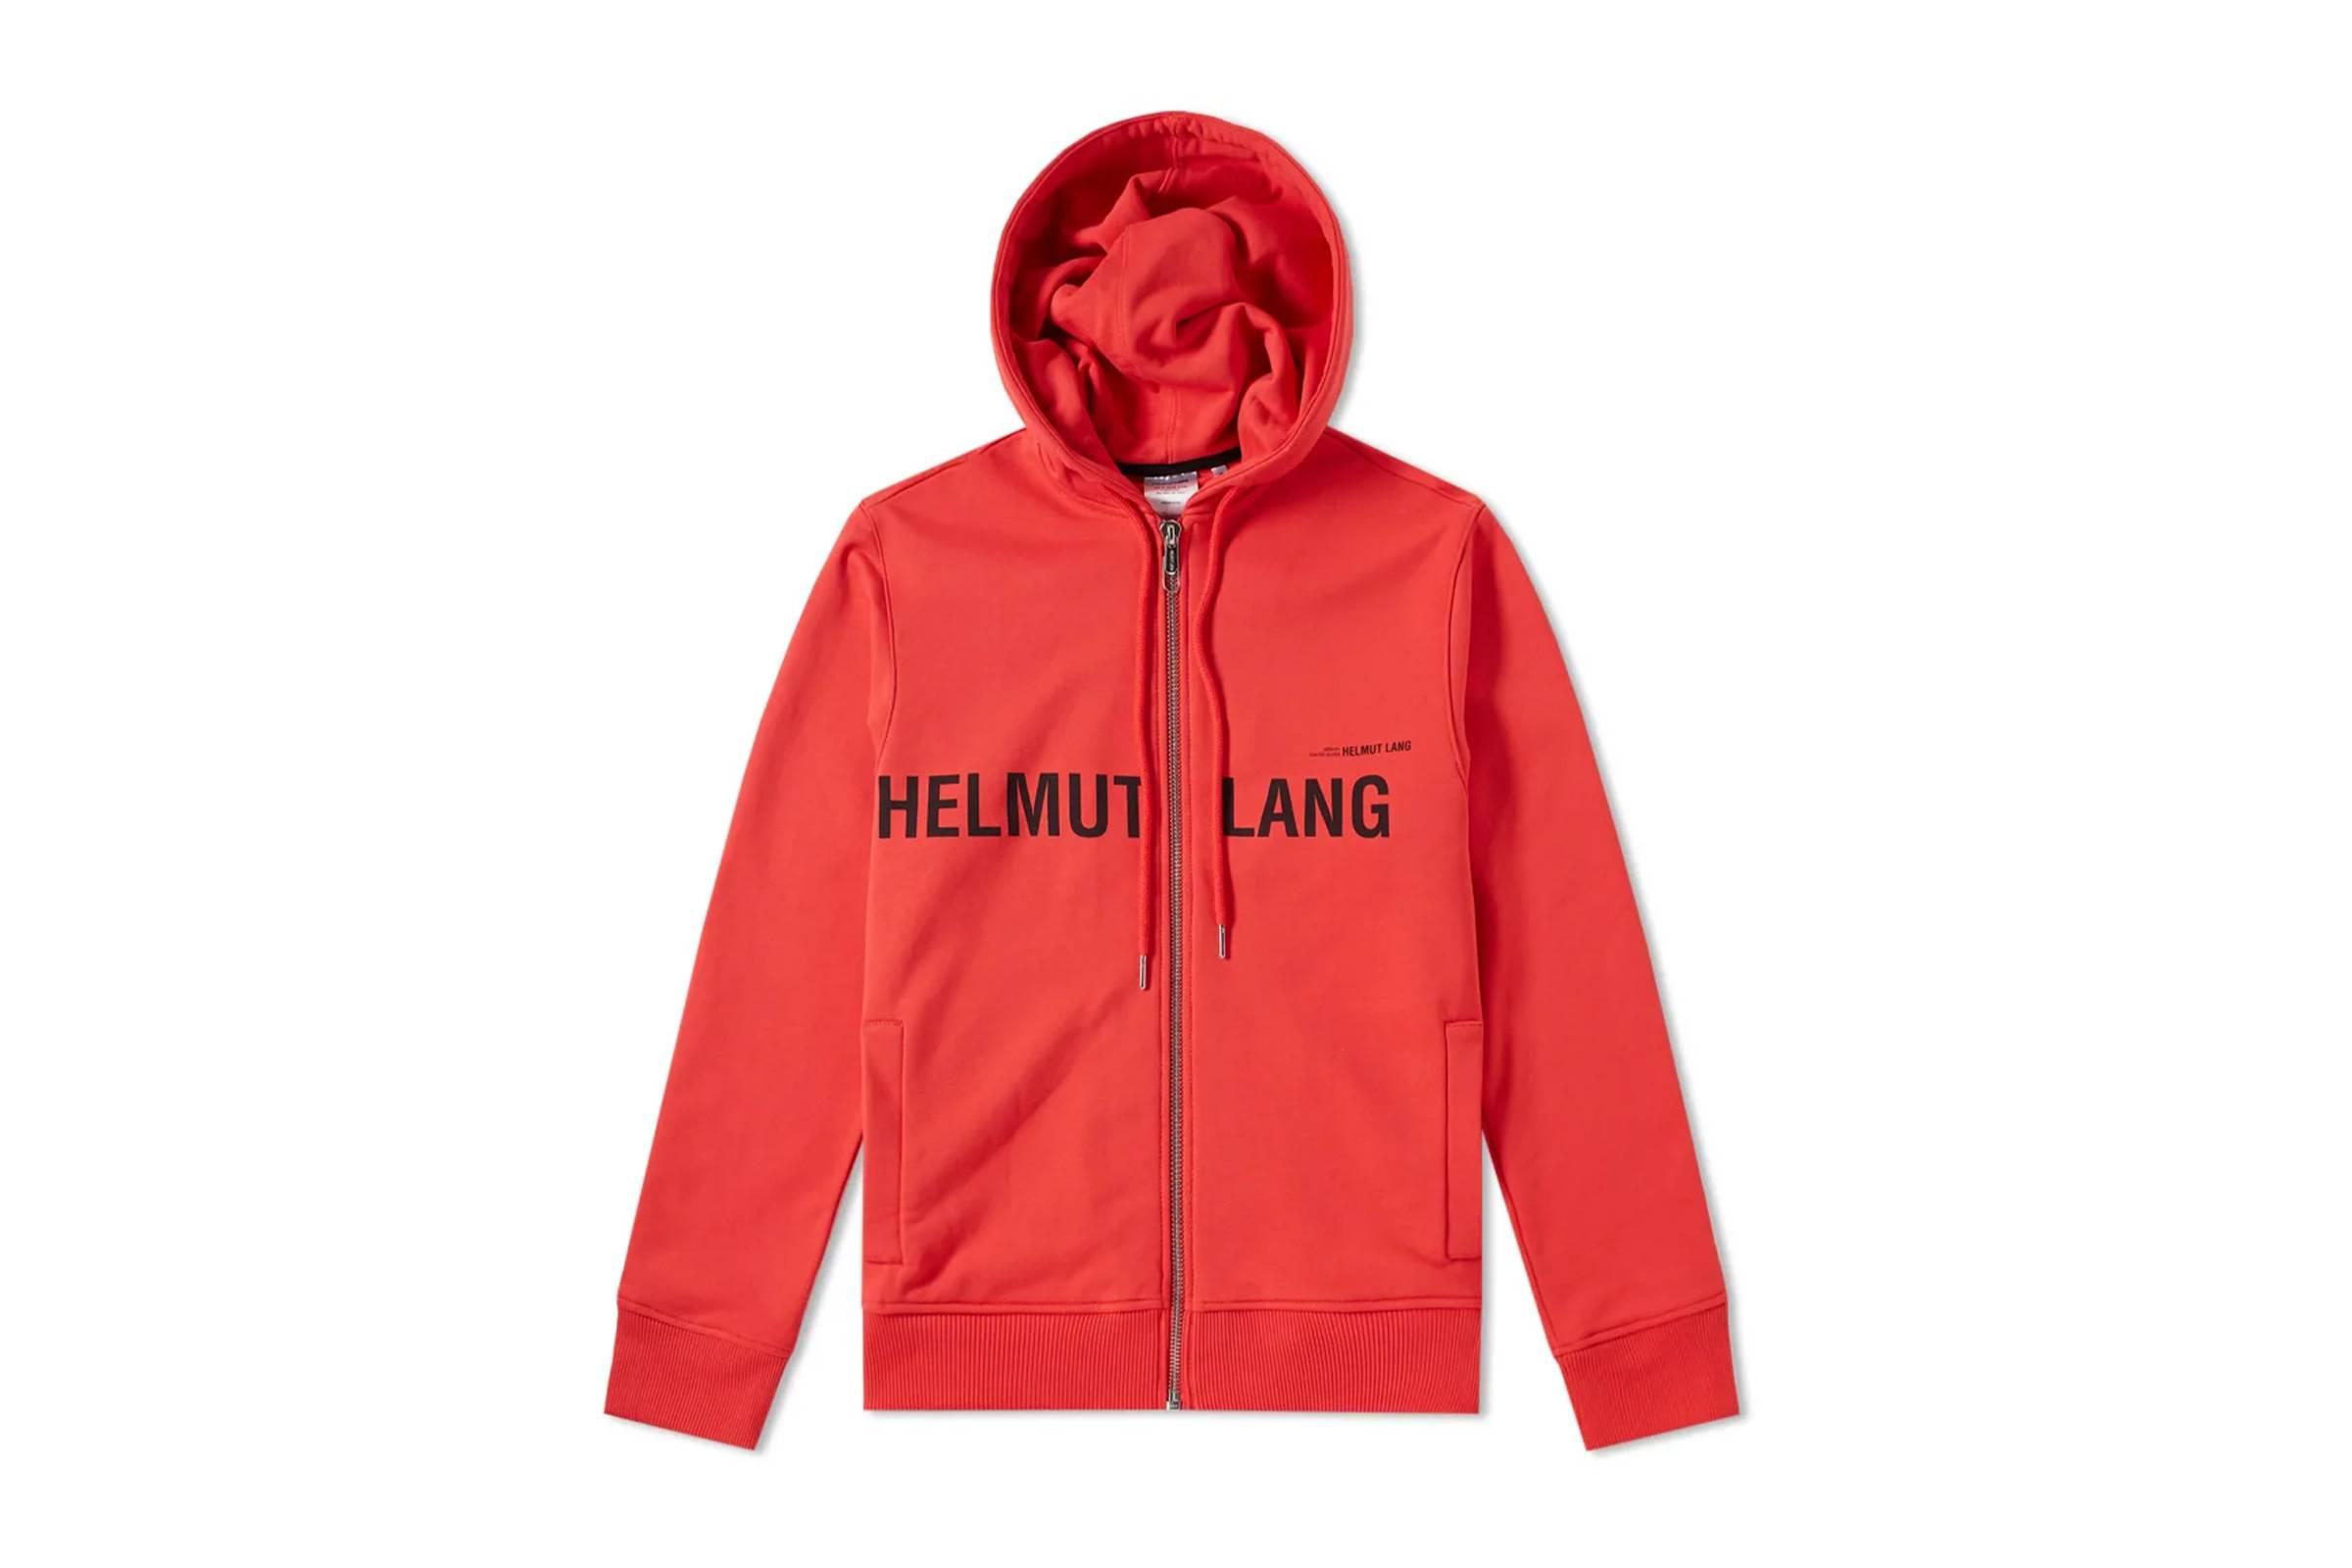 Helmut Lang by Shayne Oliver Zip-Up Hoodie